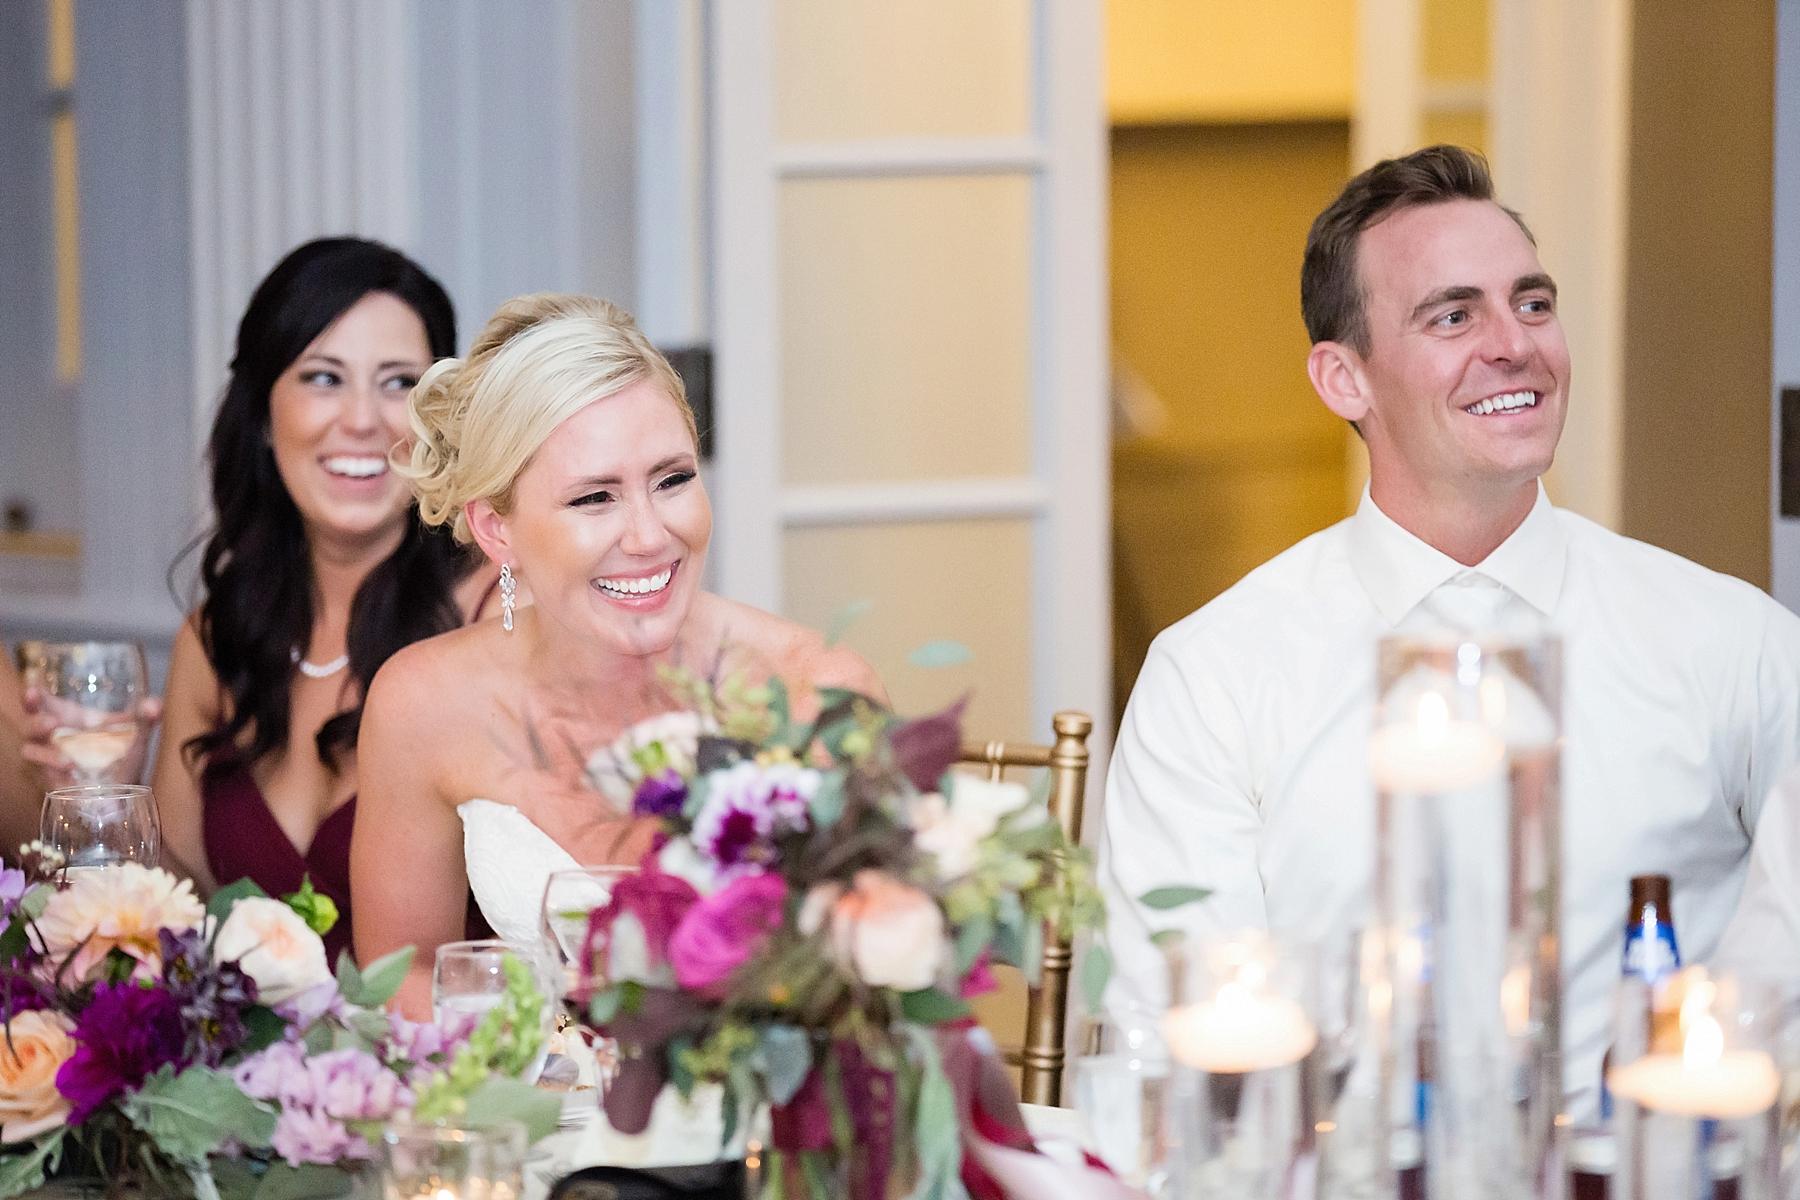 windsor-wedding-photographer-essex-golf-country-club-wedding-eryn-shea-photography_0079.jpg